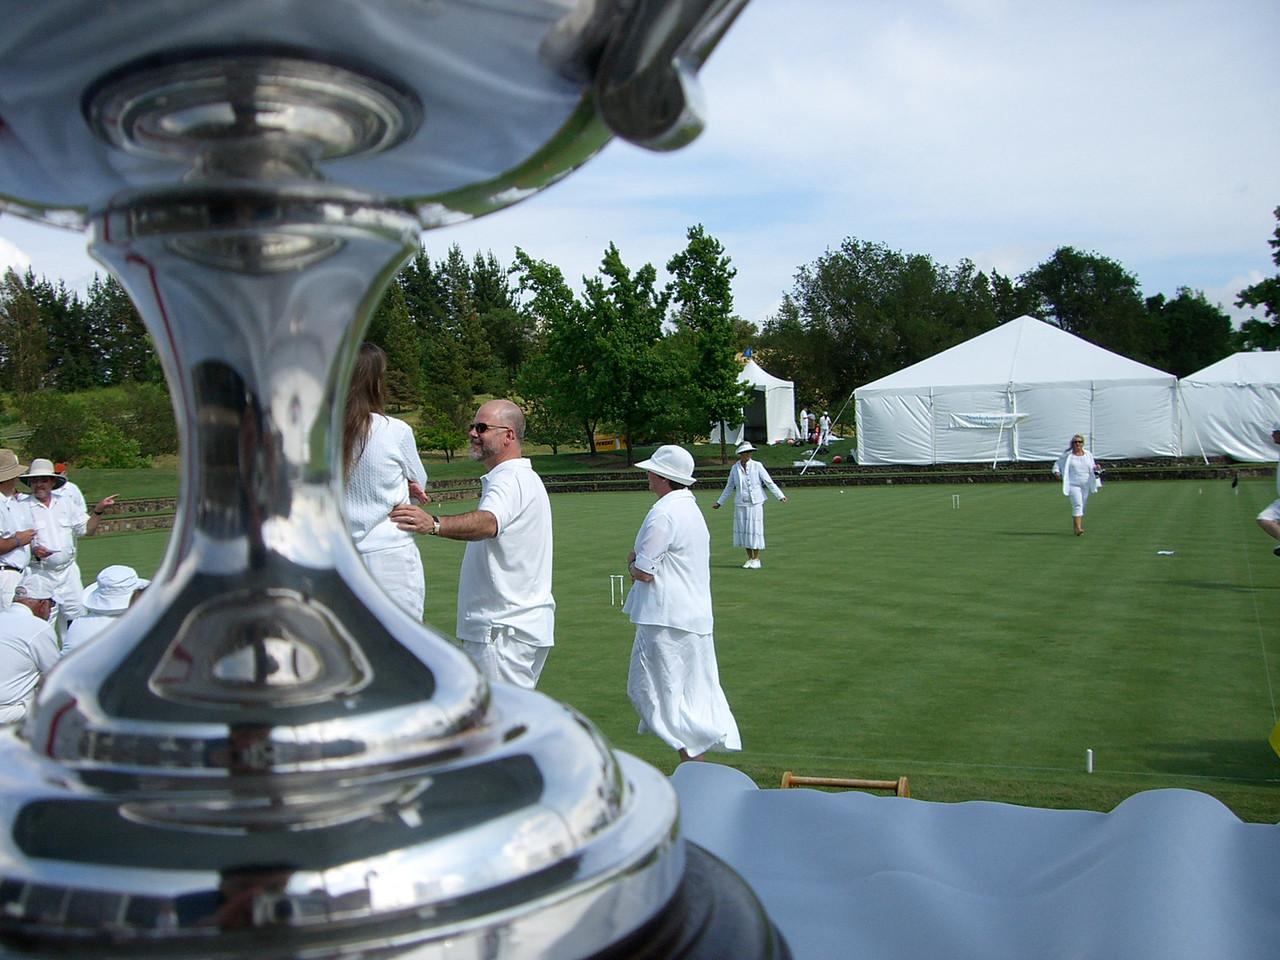 2006 05 20 Sat - Croquet players & trophy 2